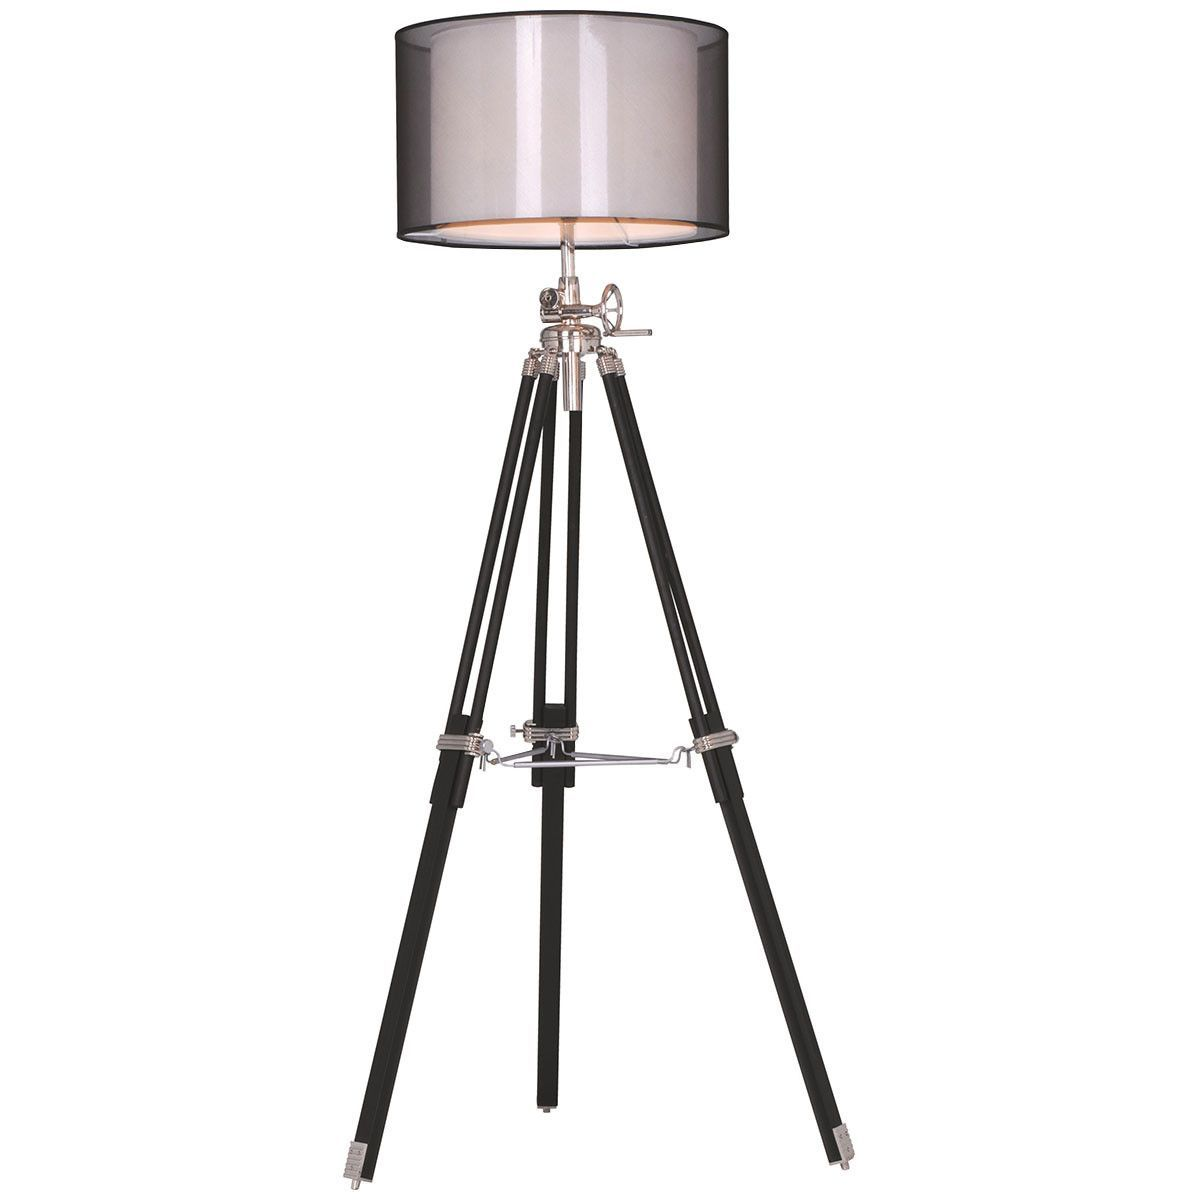 Elegant Lighting Ansel Tripod Chrome And Black Floor Lamp